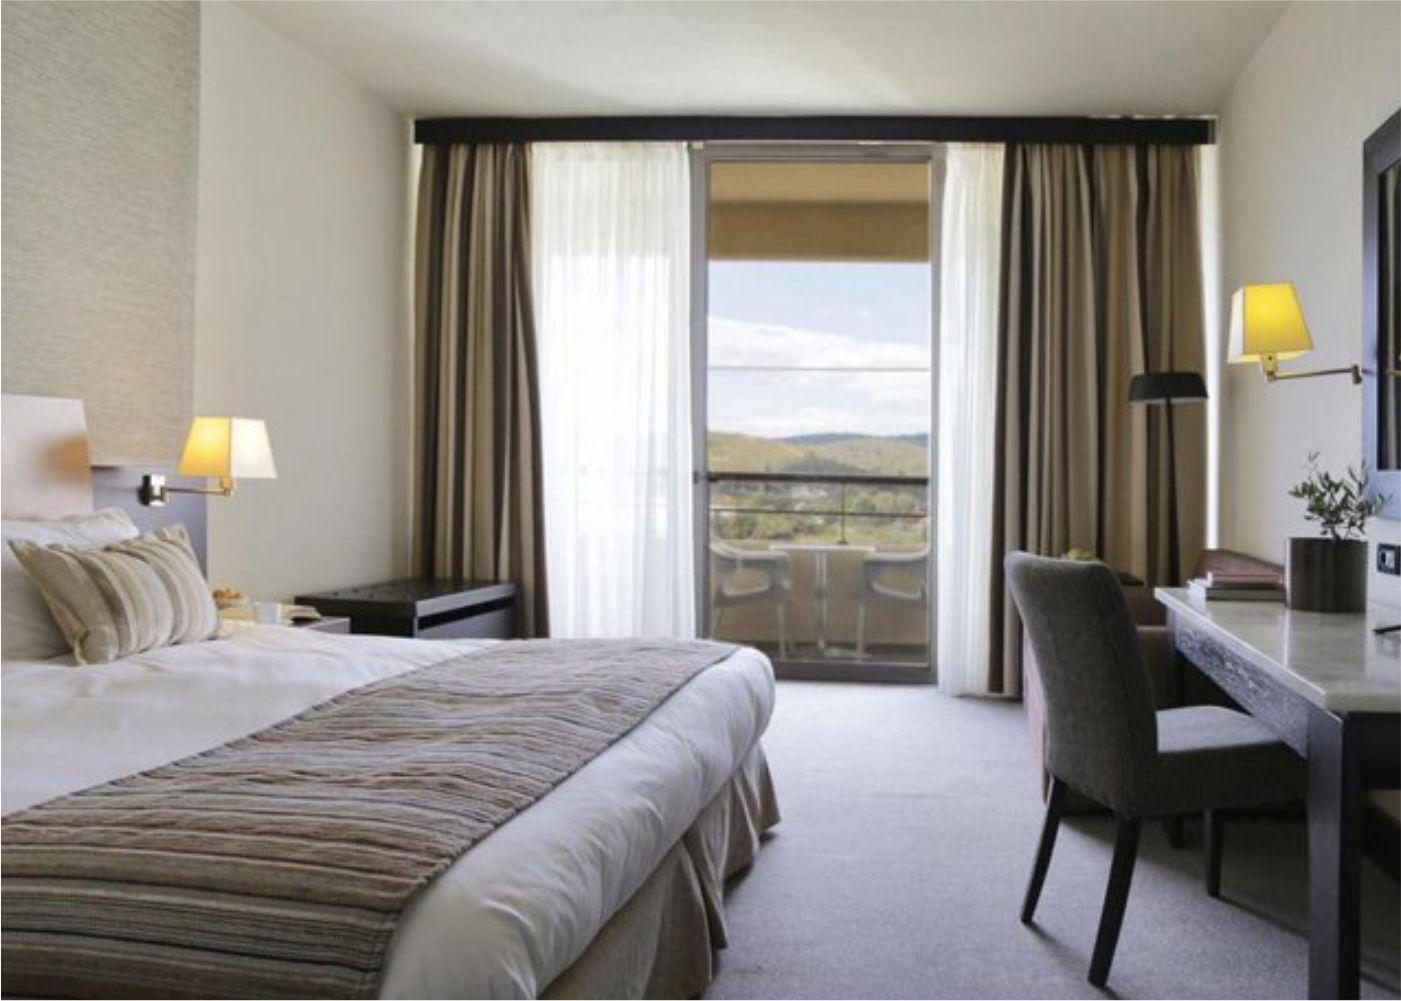 paraskevi-interior-design-porto-carras-hotel-2